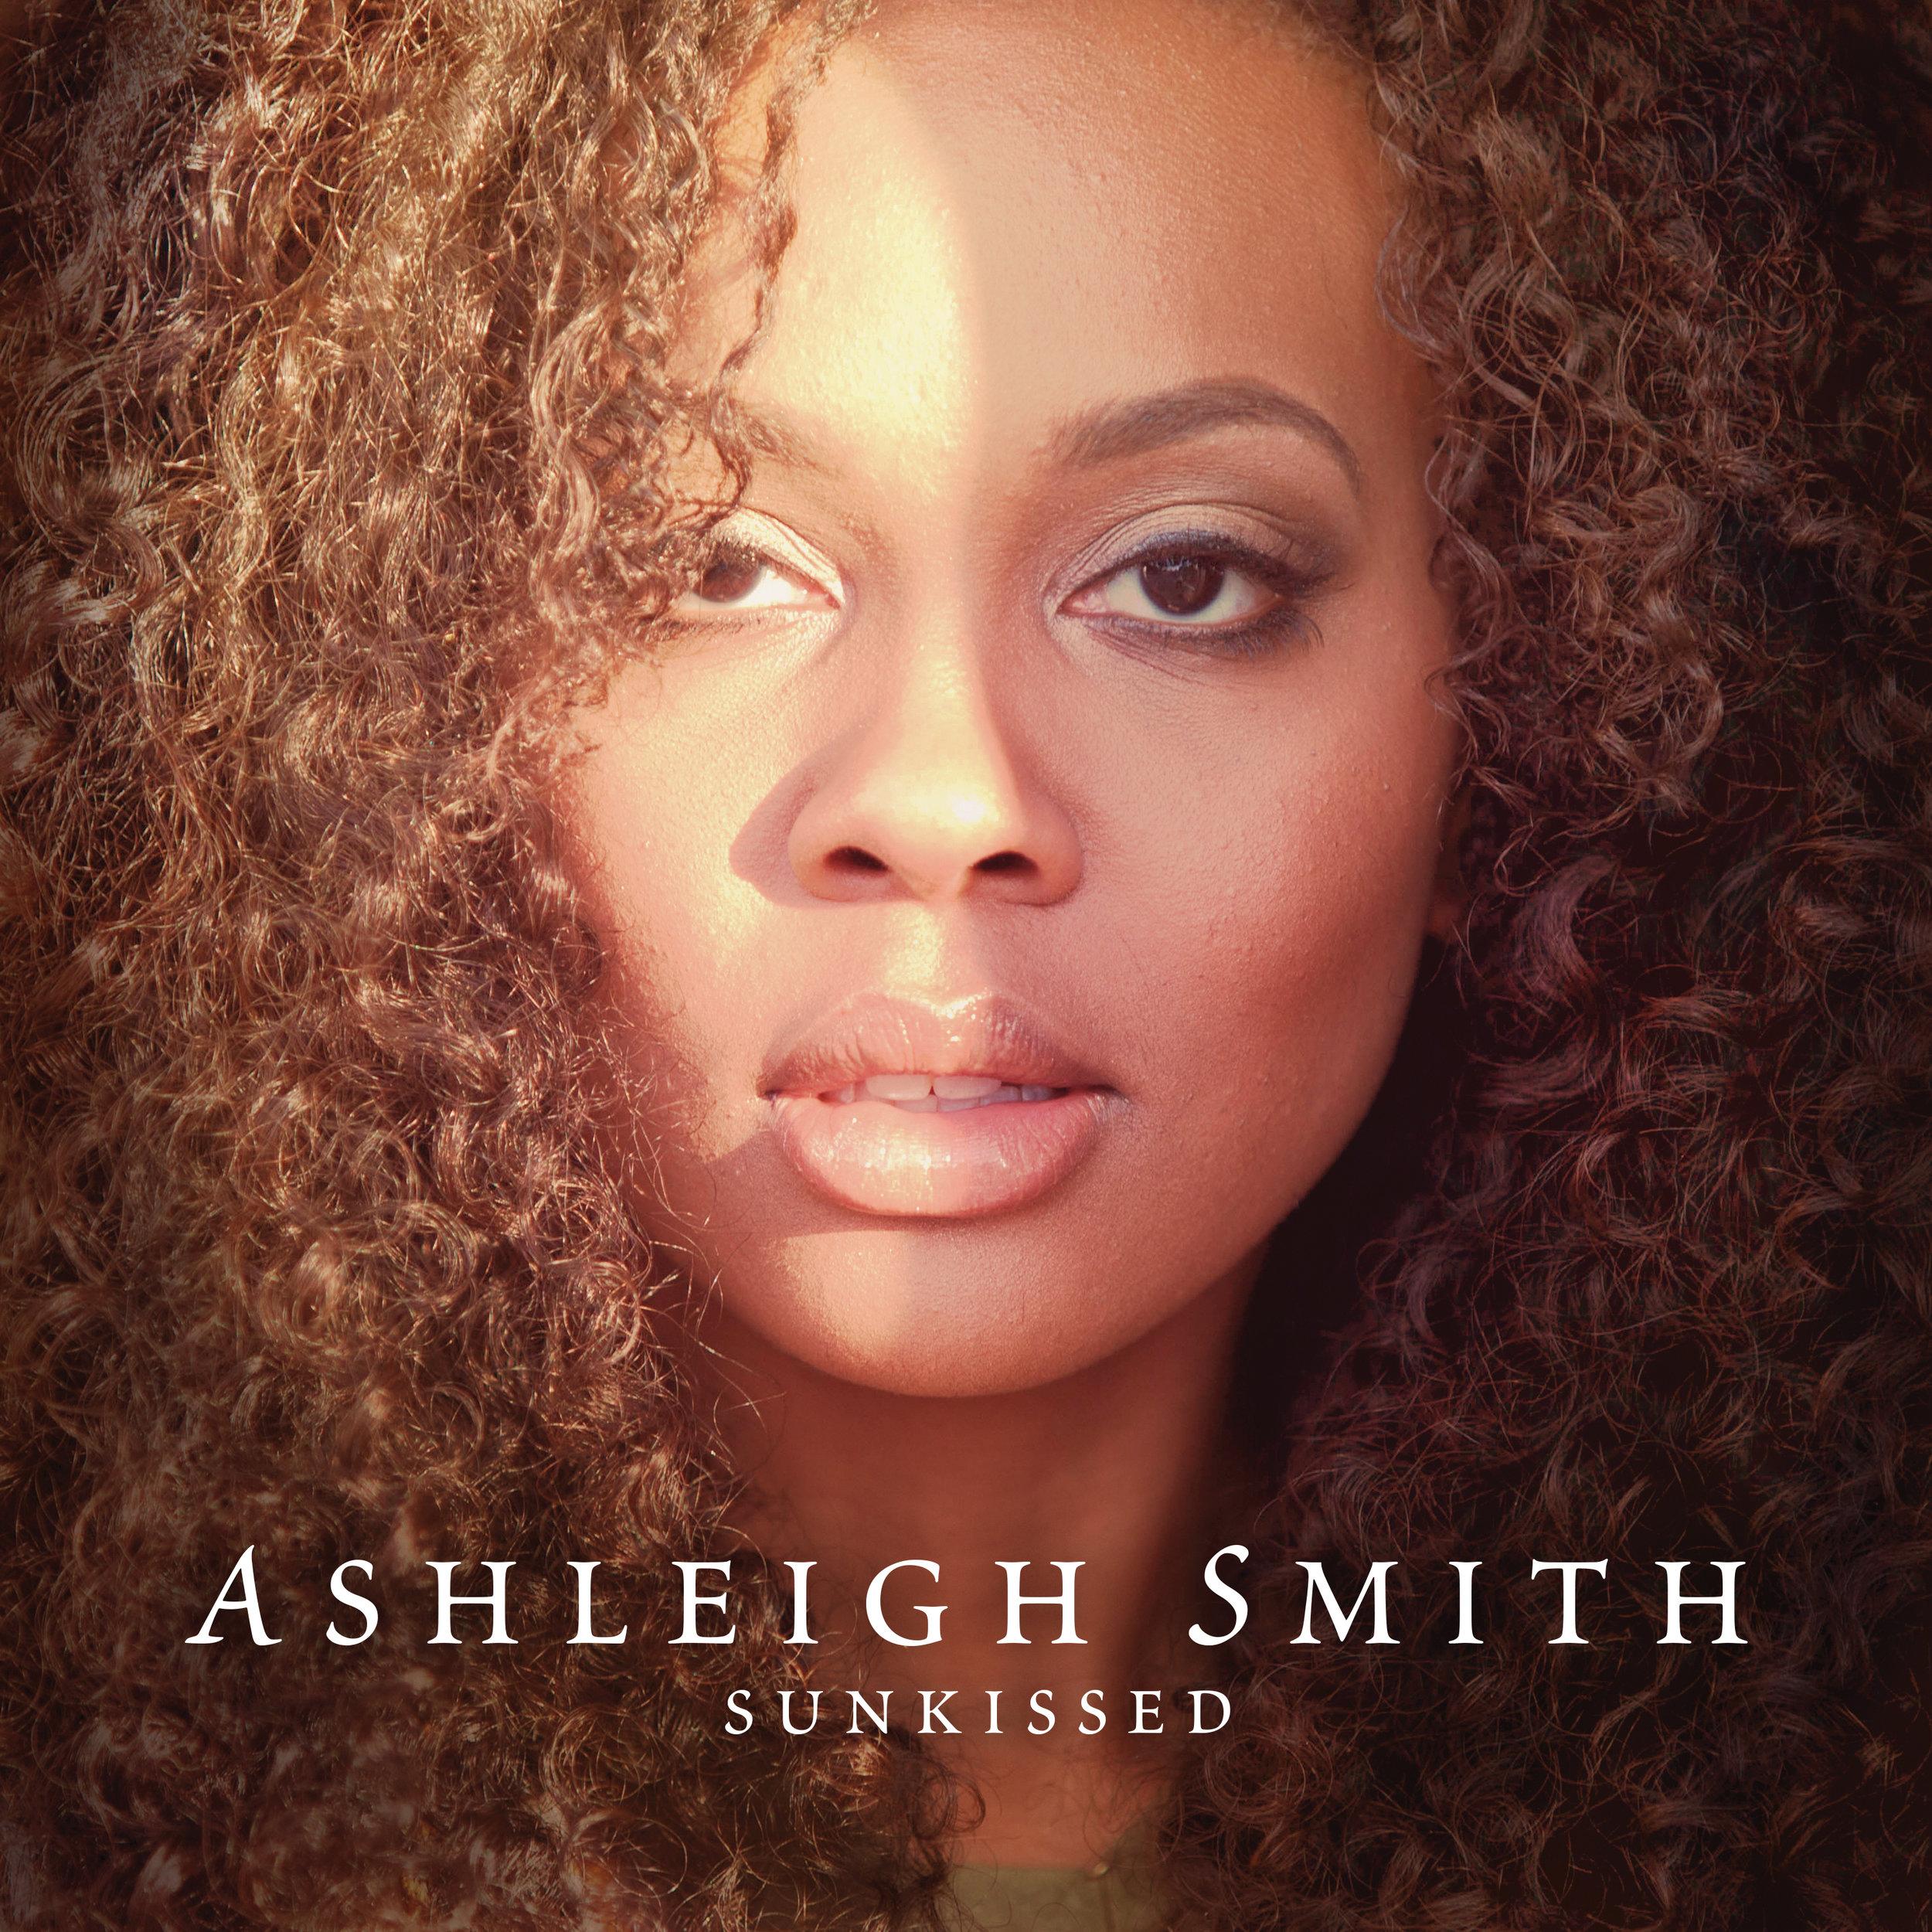 AshleighSmith_Sunkissed_5x5_RGB.jpg